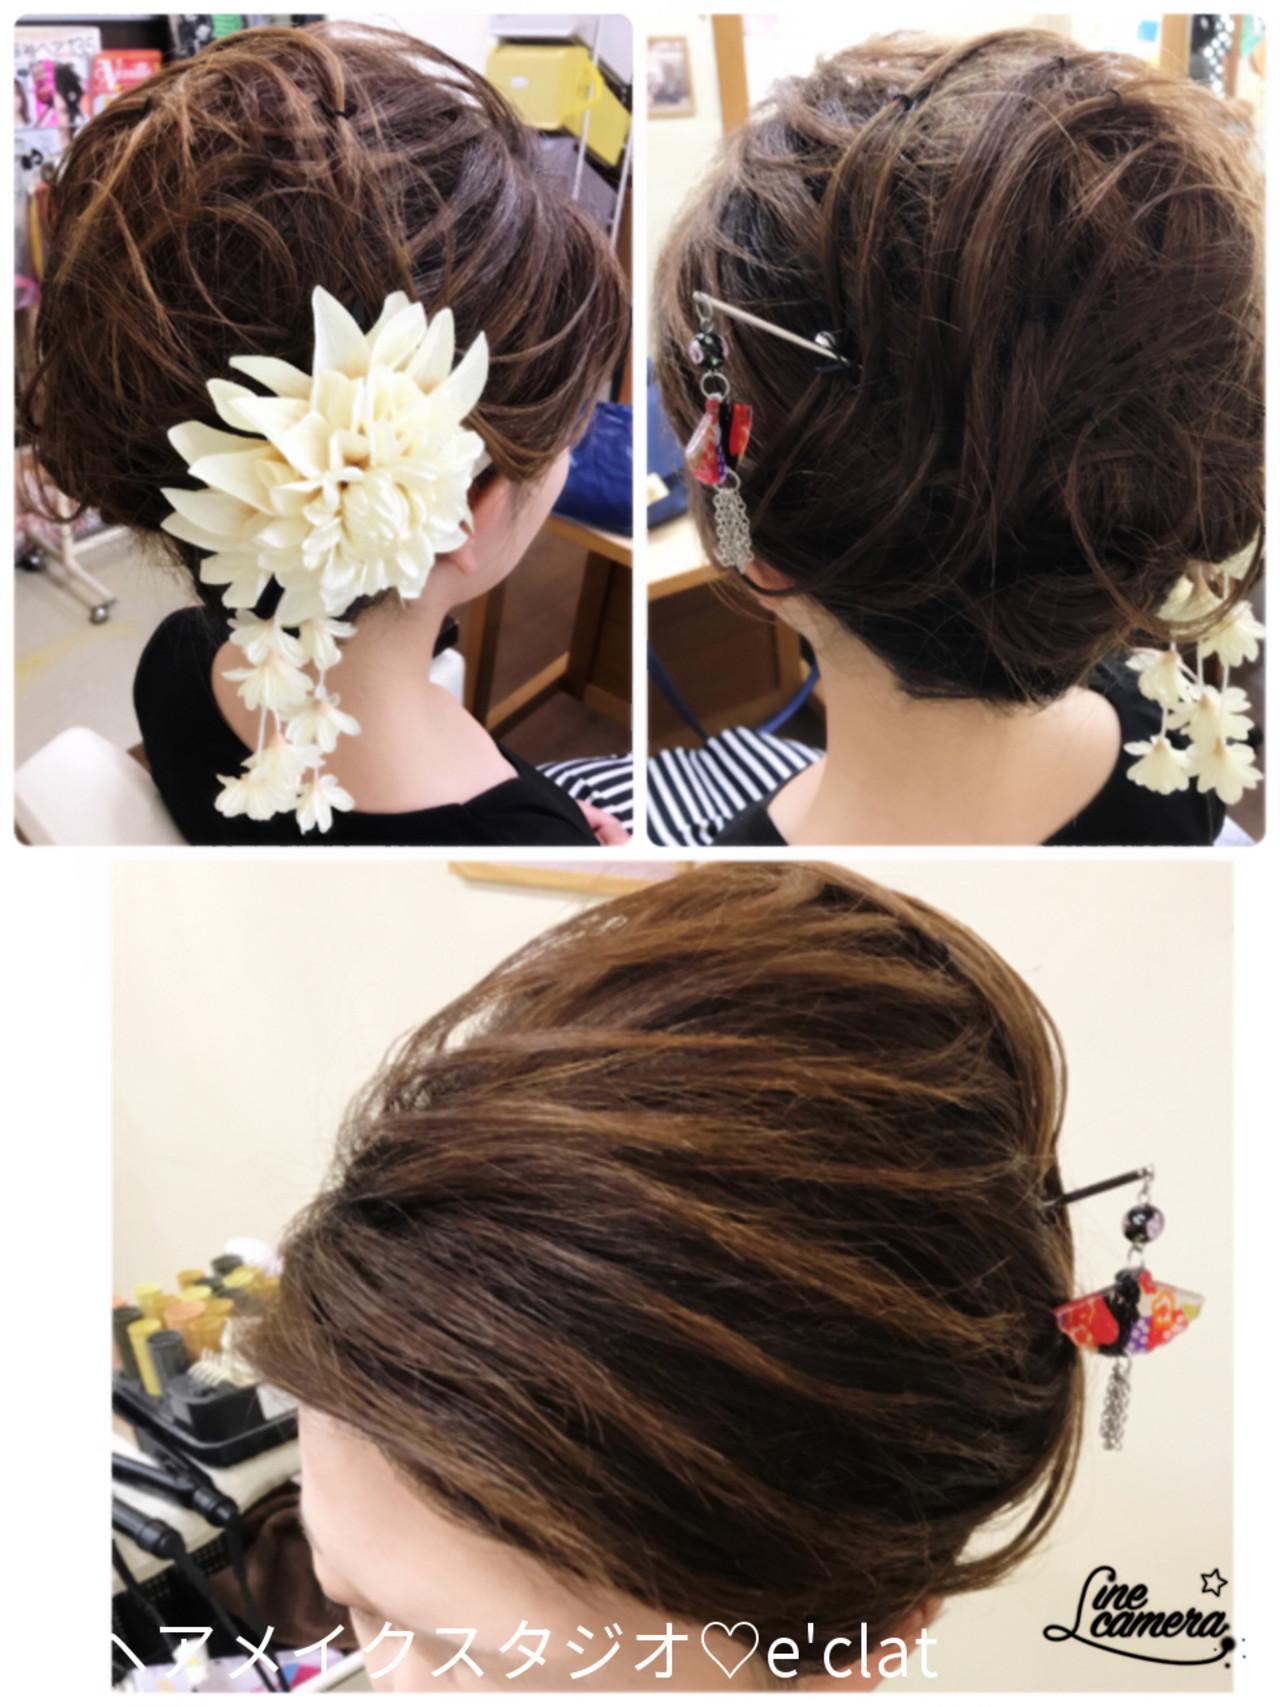 ロング エレガント 夜会巻 大人女子 ヘアスタイルや髪型の写真・画像